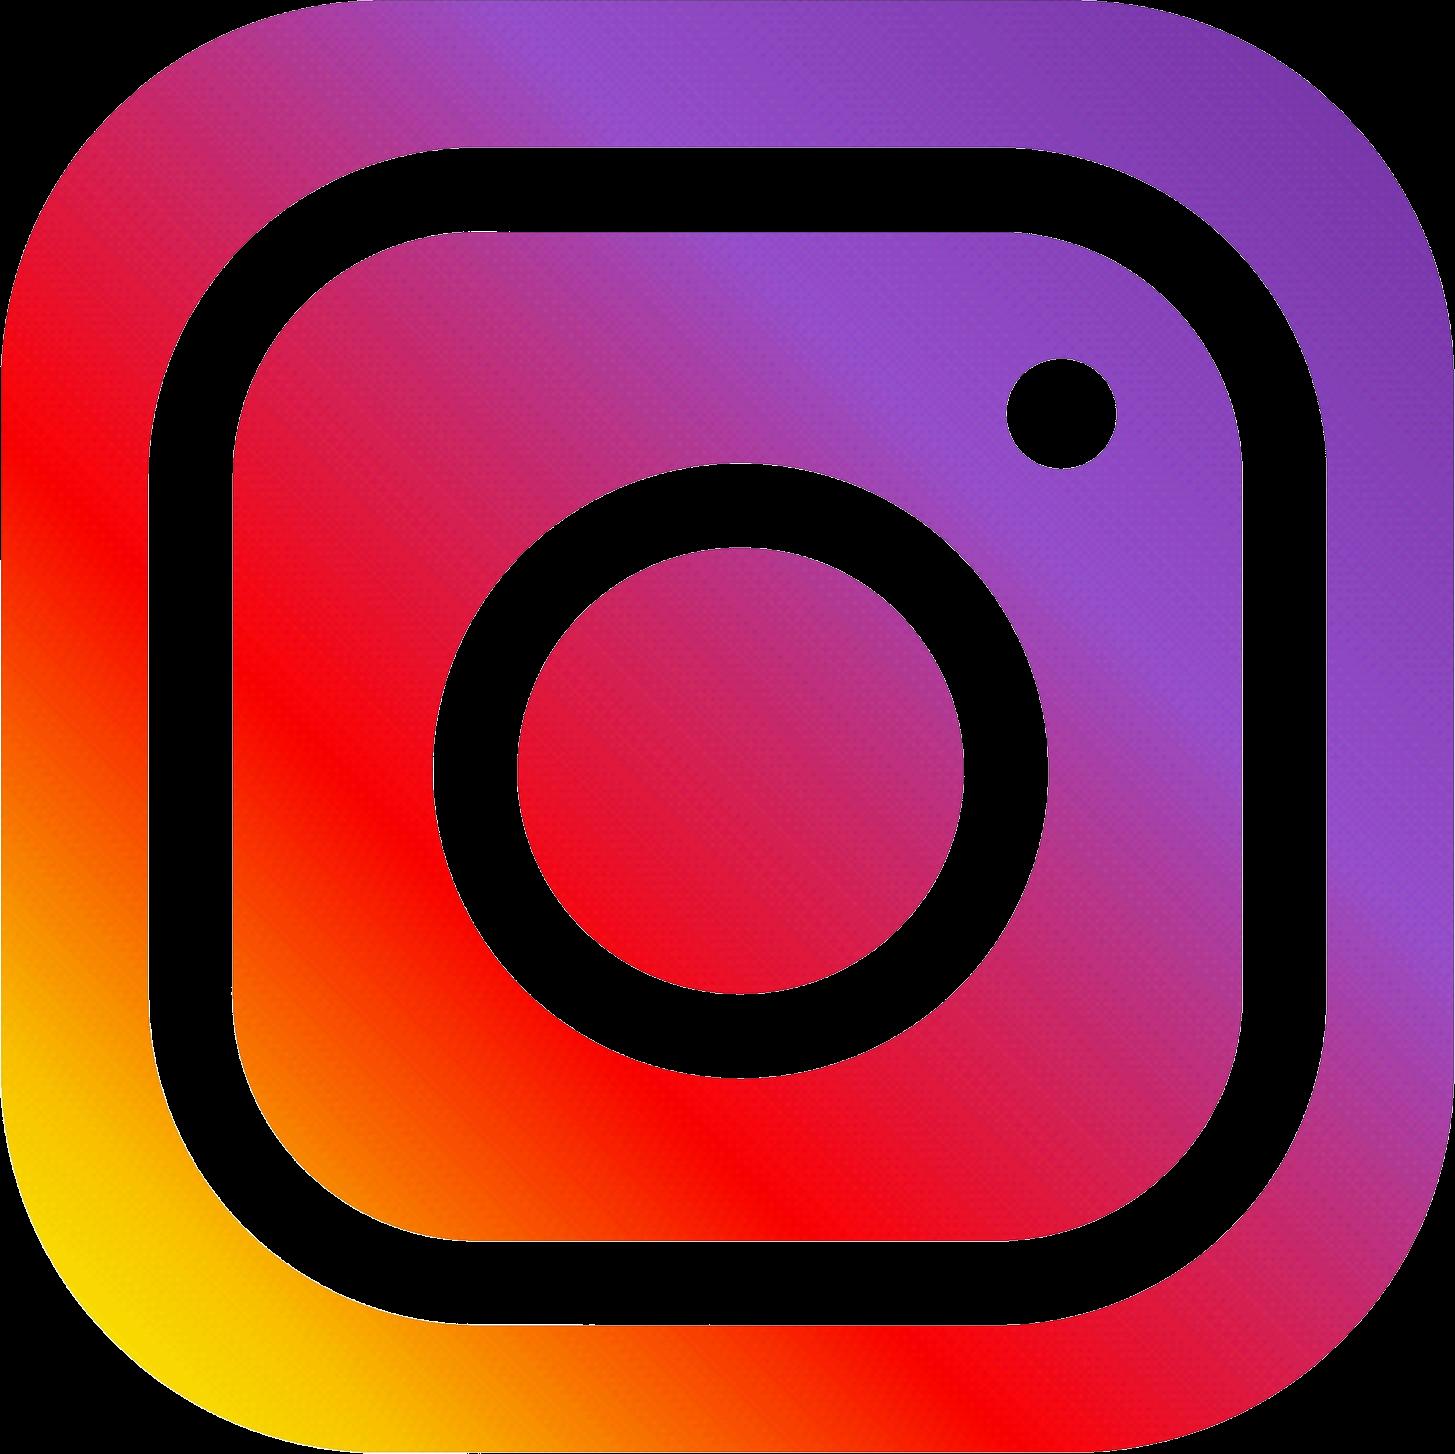 Página Oficial en Instagram